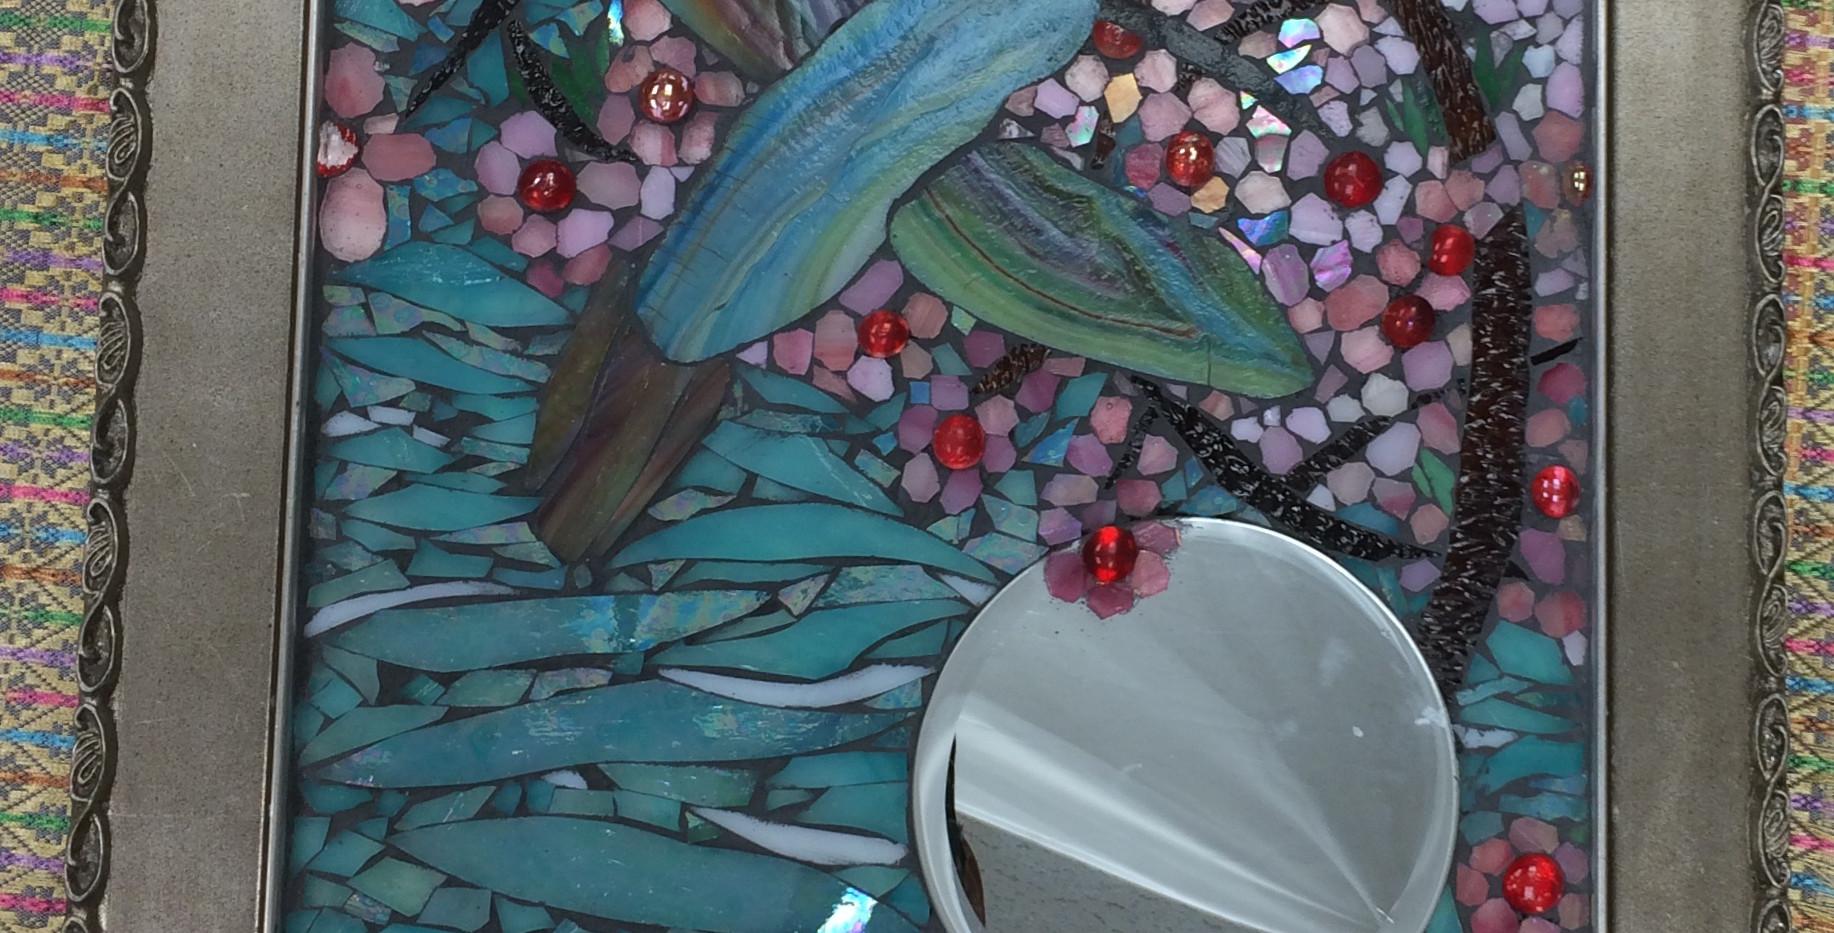 Flight of the Hummingbird Mirror